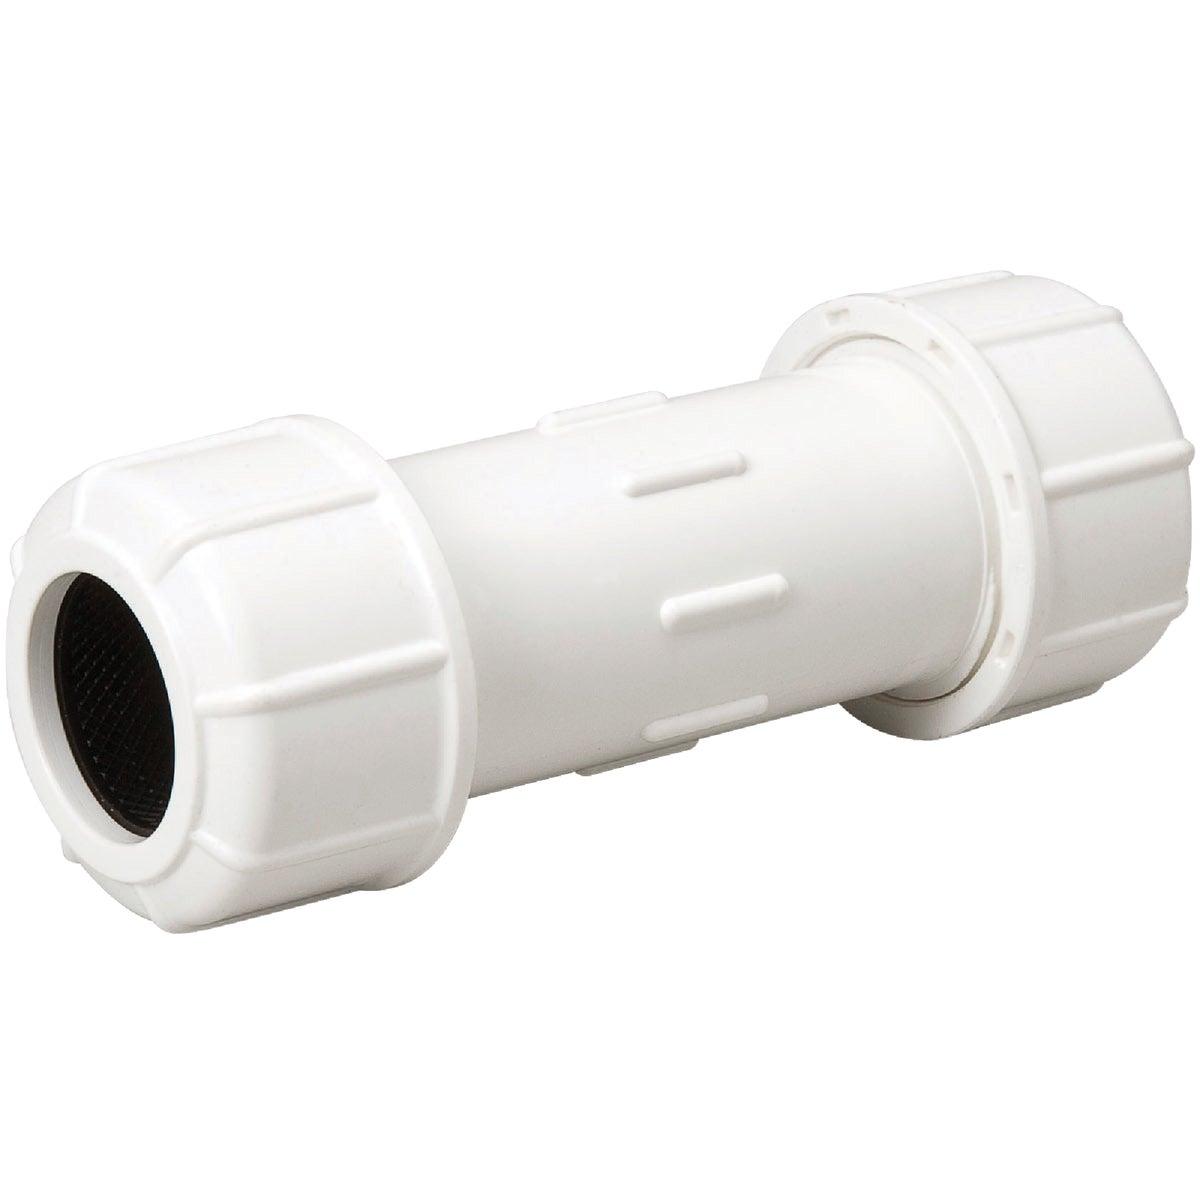 3/4X5 PVC COUPLING